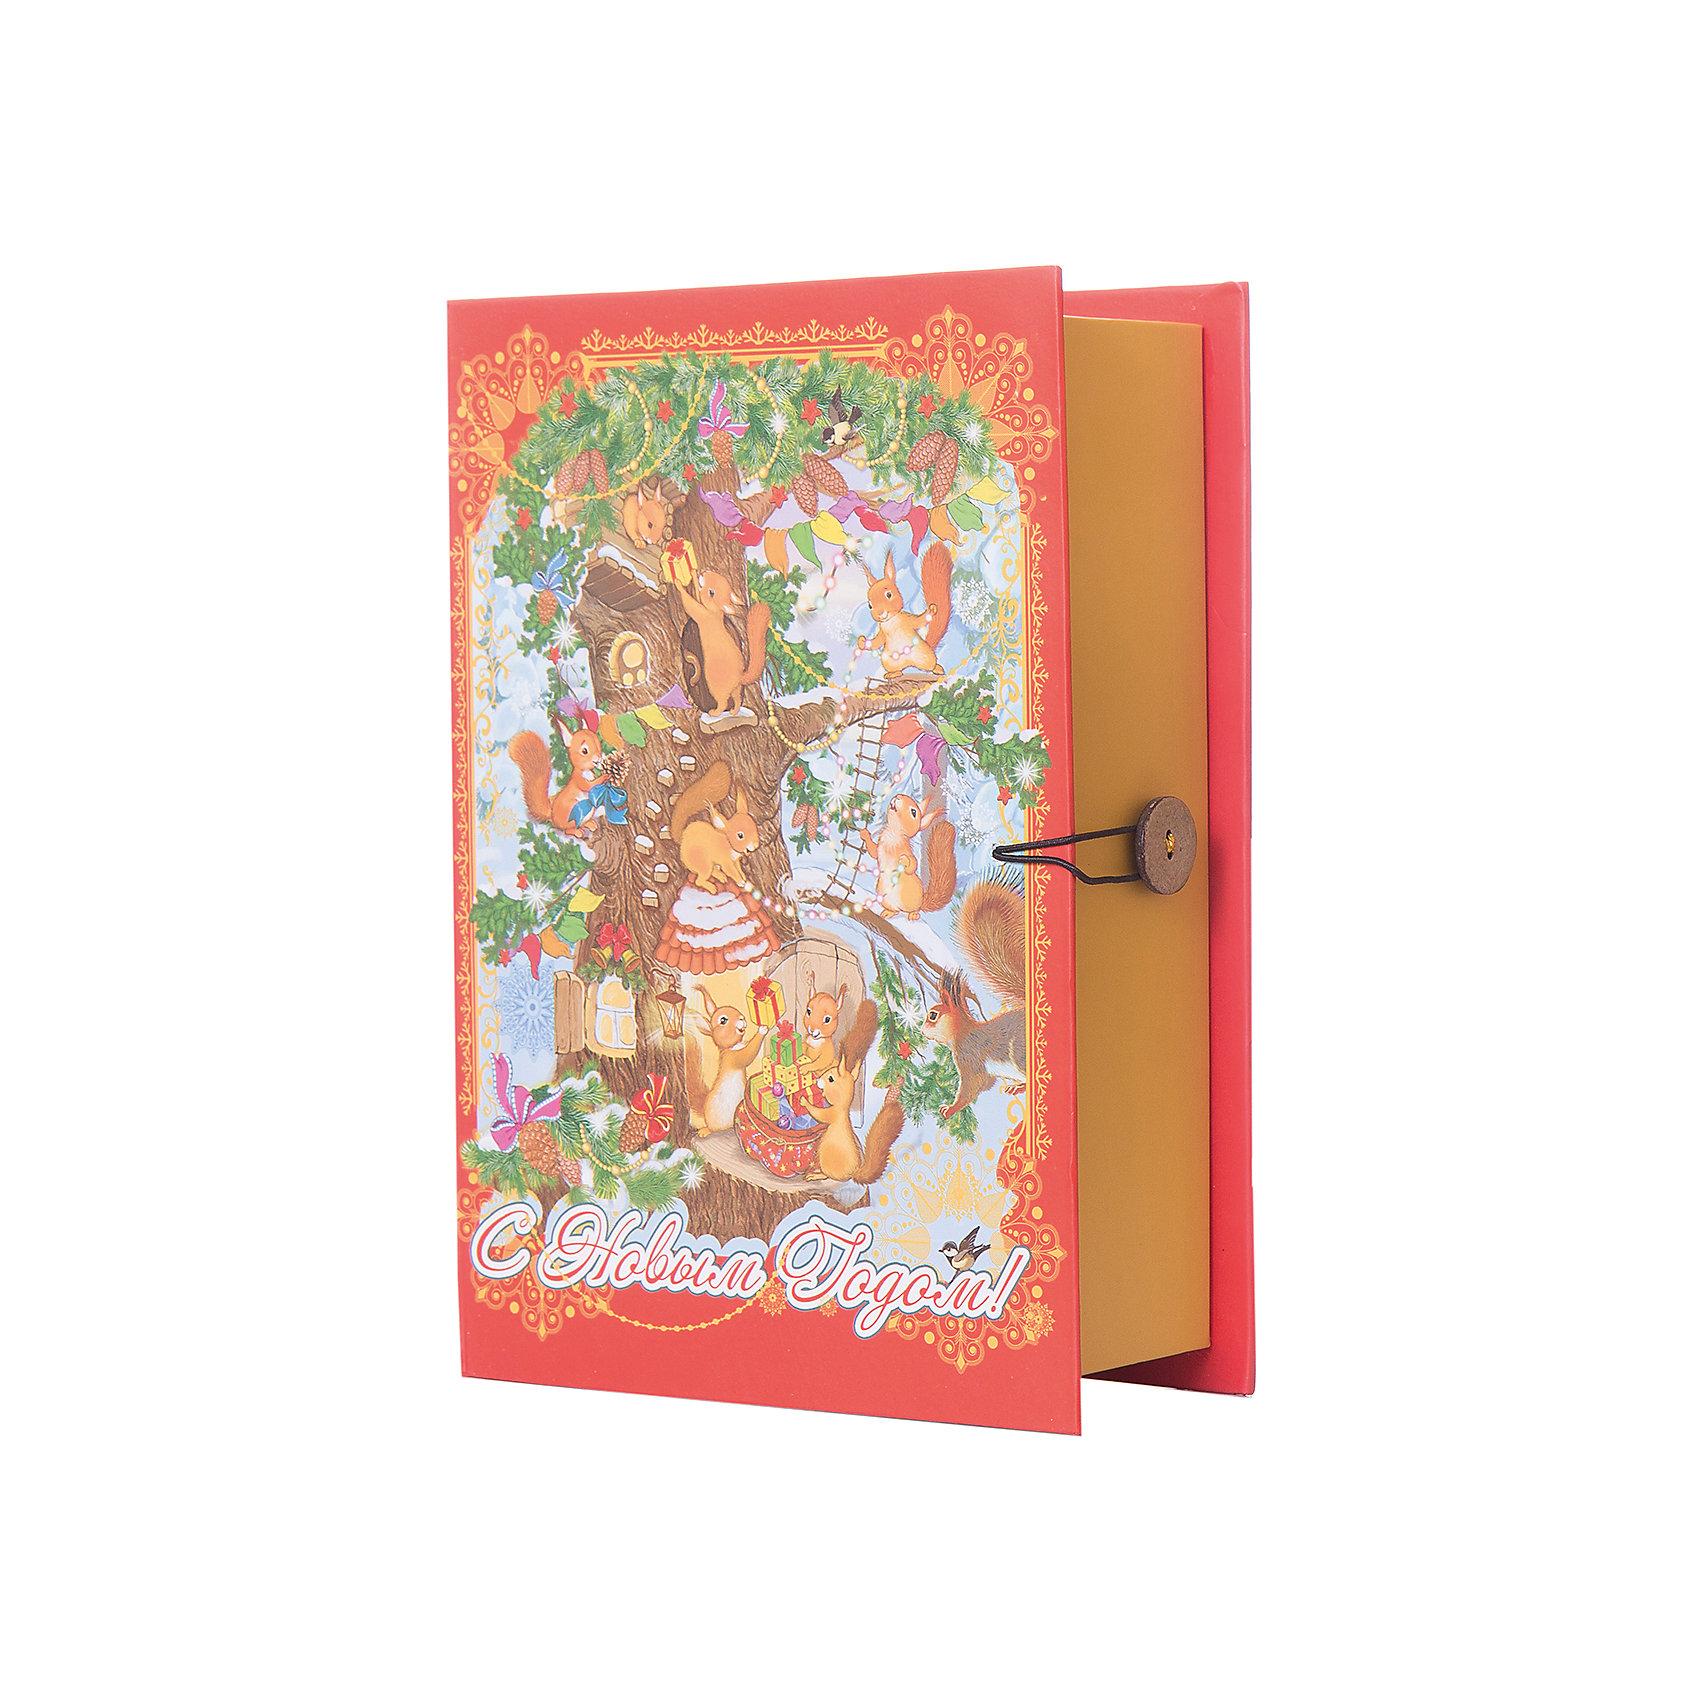 Подарочная коробка Белочки 20*14*6 смВсё для праздника<br>Красиво упакованный подарок приятнее получать вдвойне! Яркая коробка - универсальный, практичный и стильный вариант для упаковки любых подарков.<br><br>Дополнительная информация:<br><br>- Материал: мелованный ламинированный негофрированный картон (плотность - 1100 г/м2).<br>- Размер: 20х14х6 см. <br>- Полноцветный декоративный рисунок на внутренней и наружной части. <br><br>Подарочную коробку Белочки (20*14*6 см.) можно купить в нашем магазине.<br><br>Ширина мм: 200<br>Глубина мм: 140<br>Высота мм: 60<br>Вес г: 420<br>Возраст от месяцев: 36<br>Возраст до месяцев: 2147483647<br>Пол: Унисекс<br>Возраст: Детский<br>SKU: 4981311